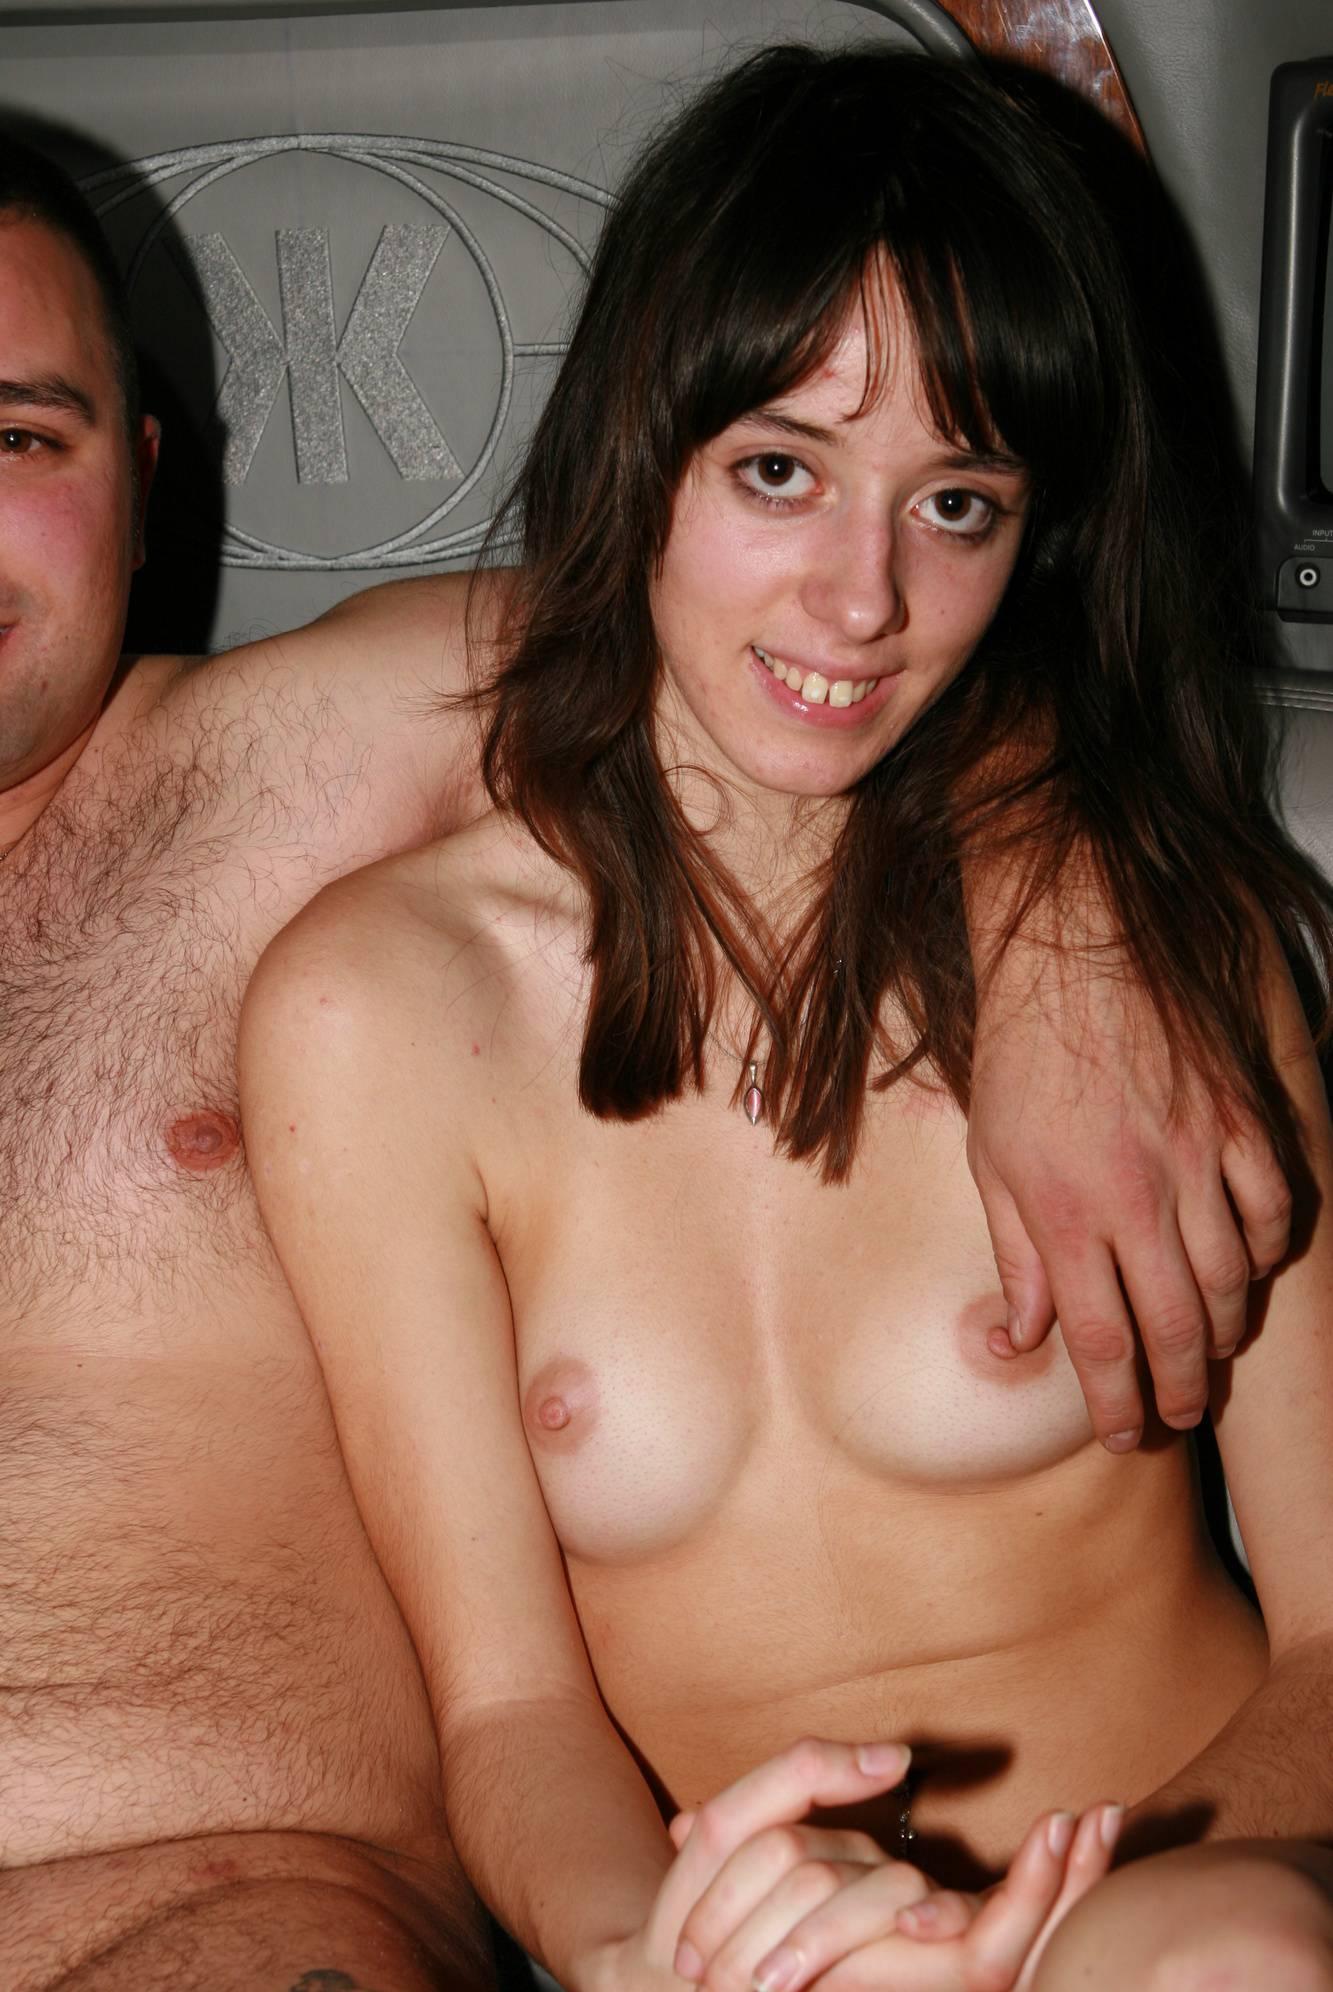 Nude Limousine Friends - 1